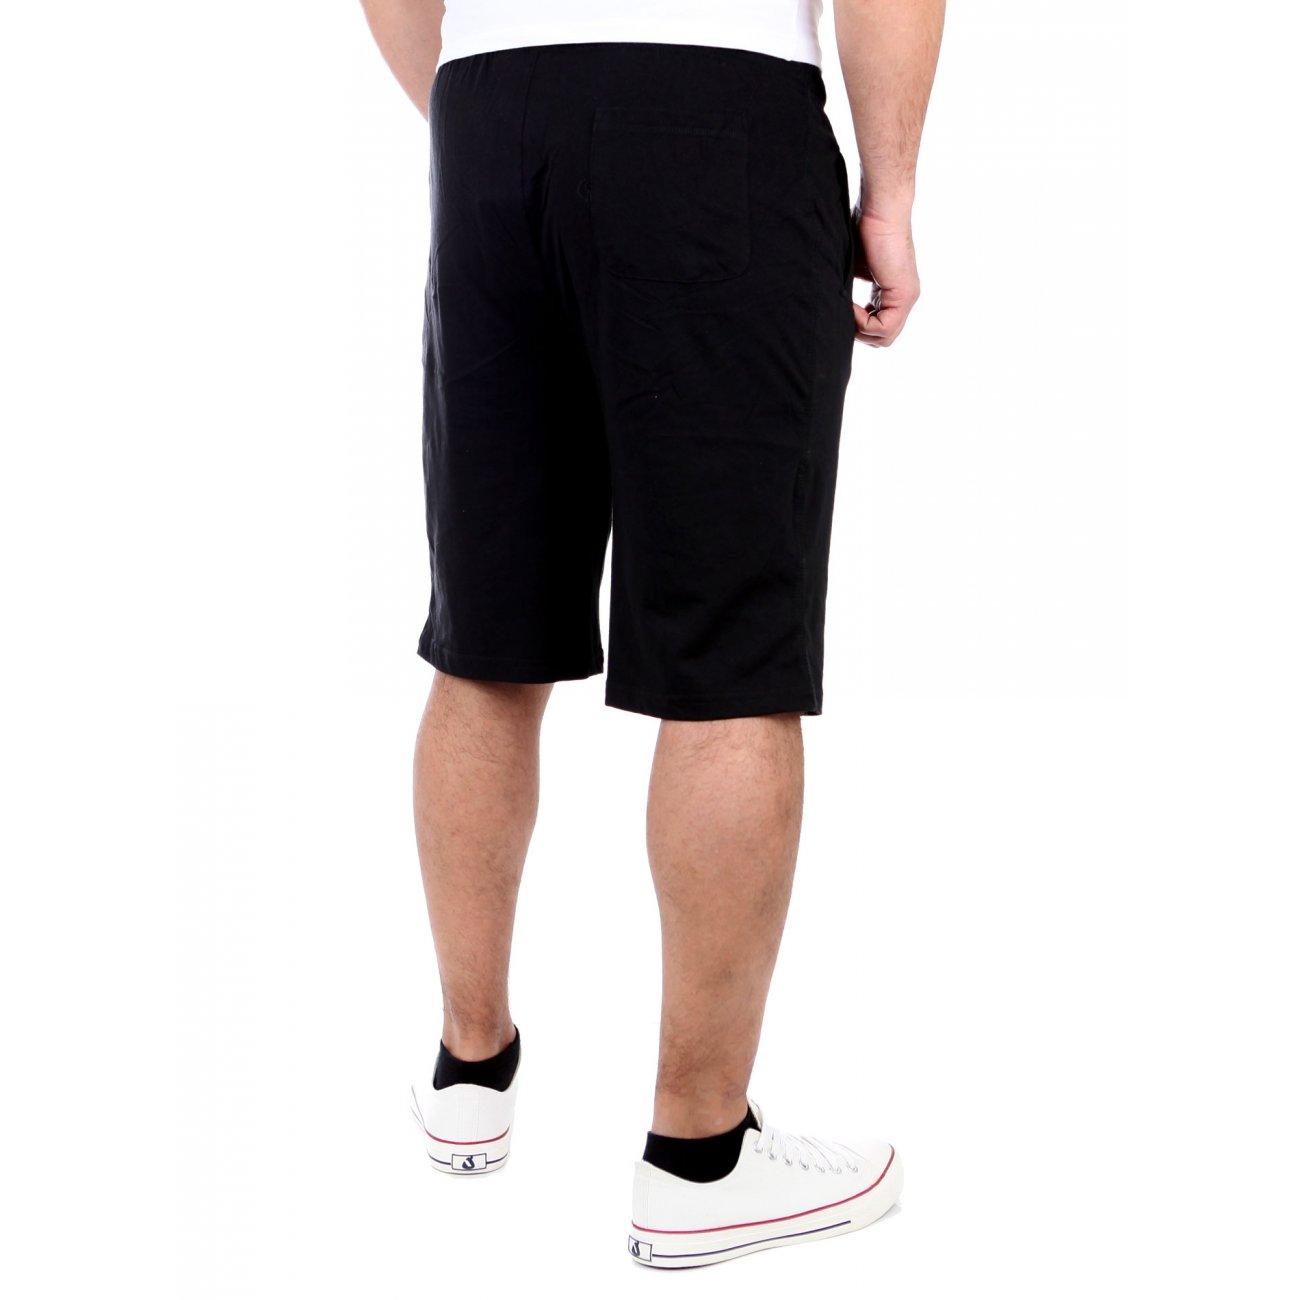 Galerry bermuda short jumpsuit